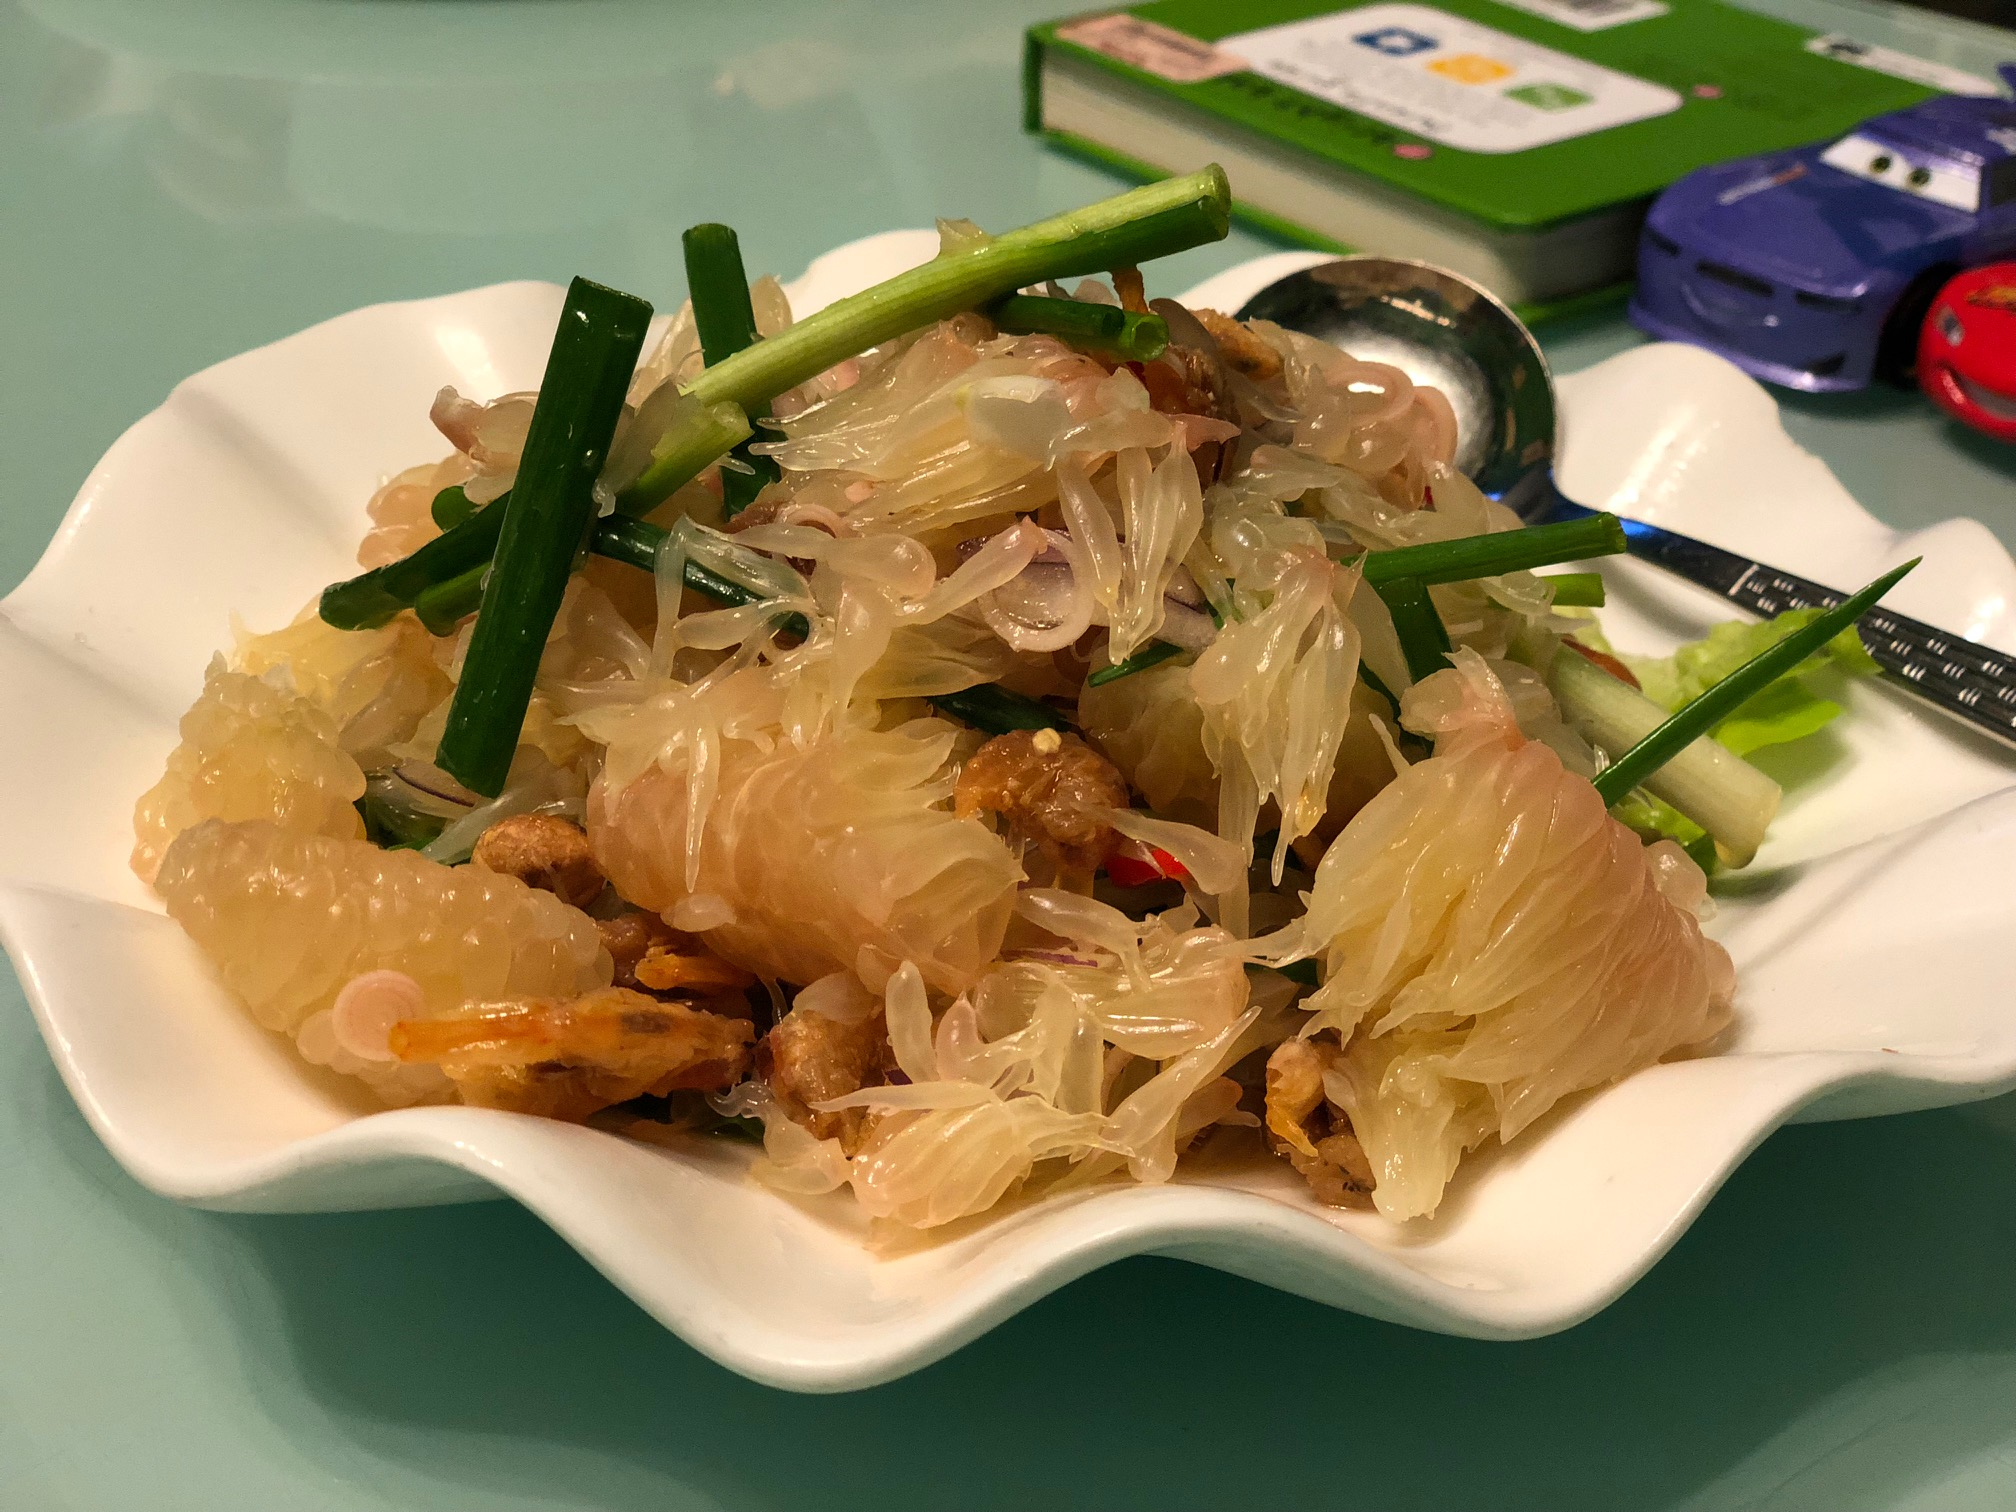 Thai food dinner.